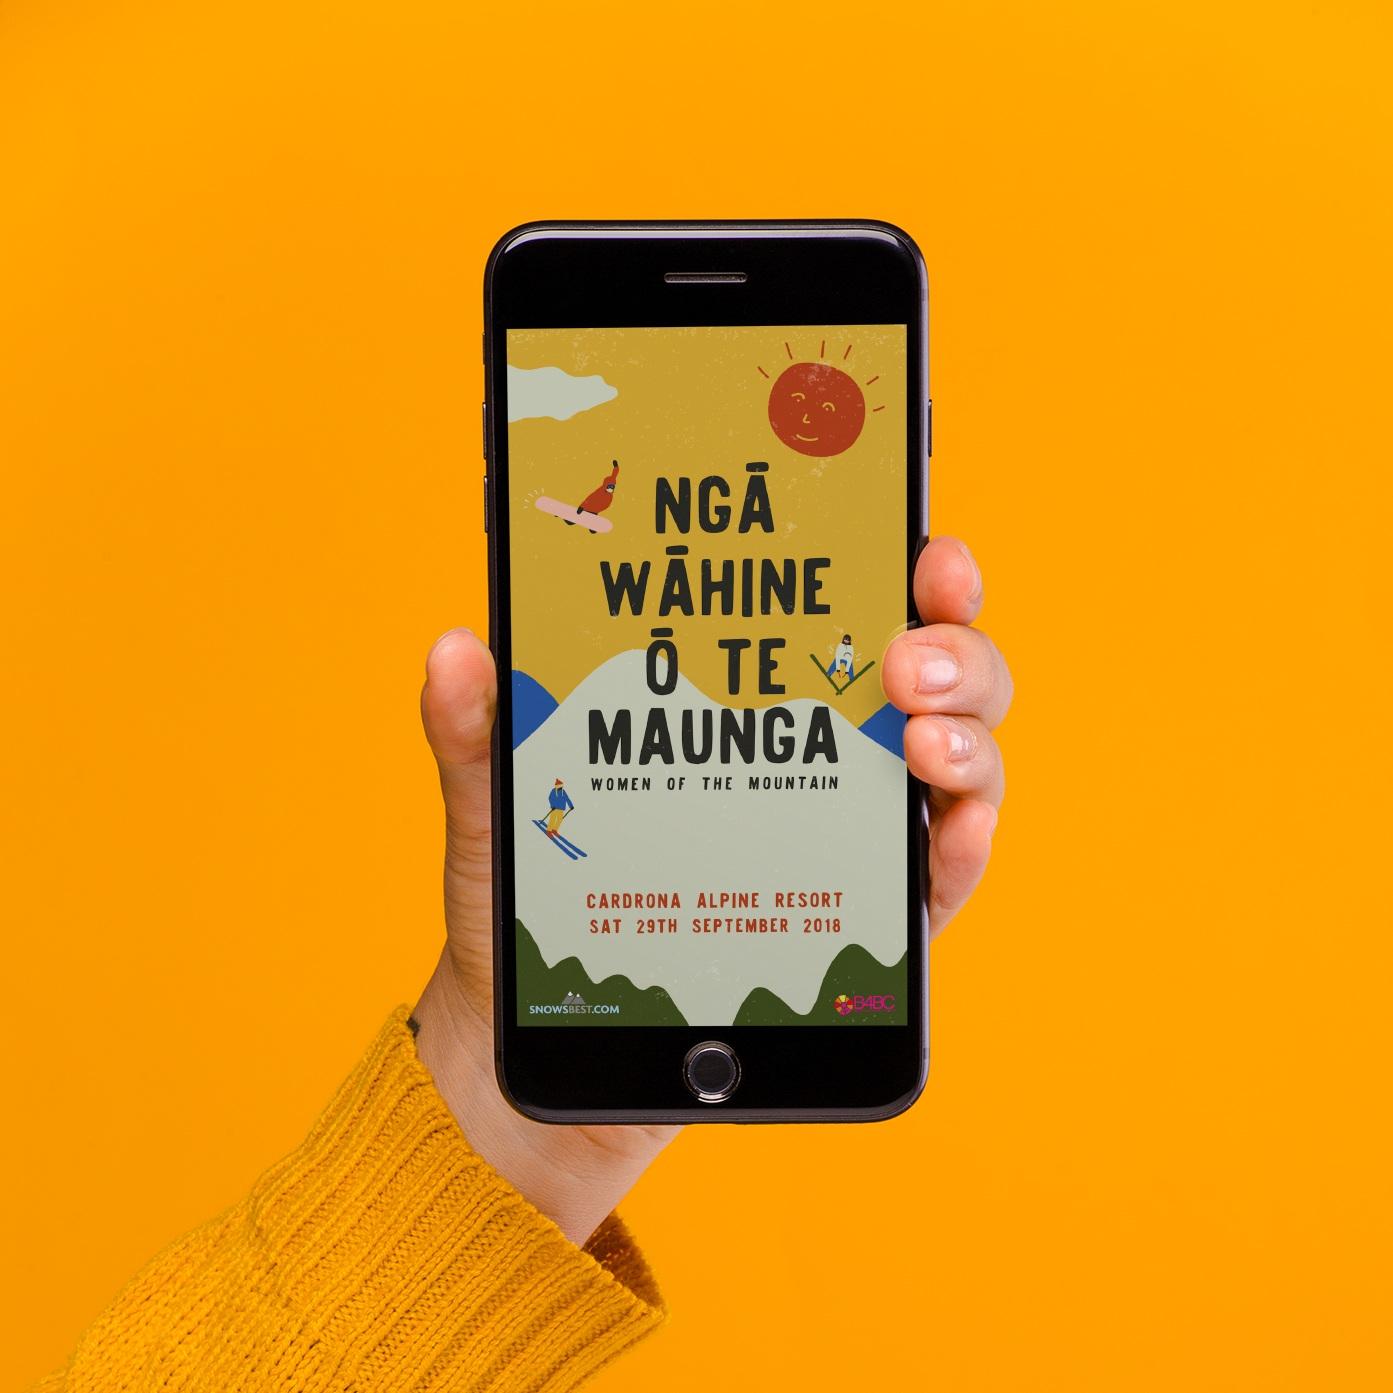 Instagram advertisement for Nga Wahine o te Maunga